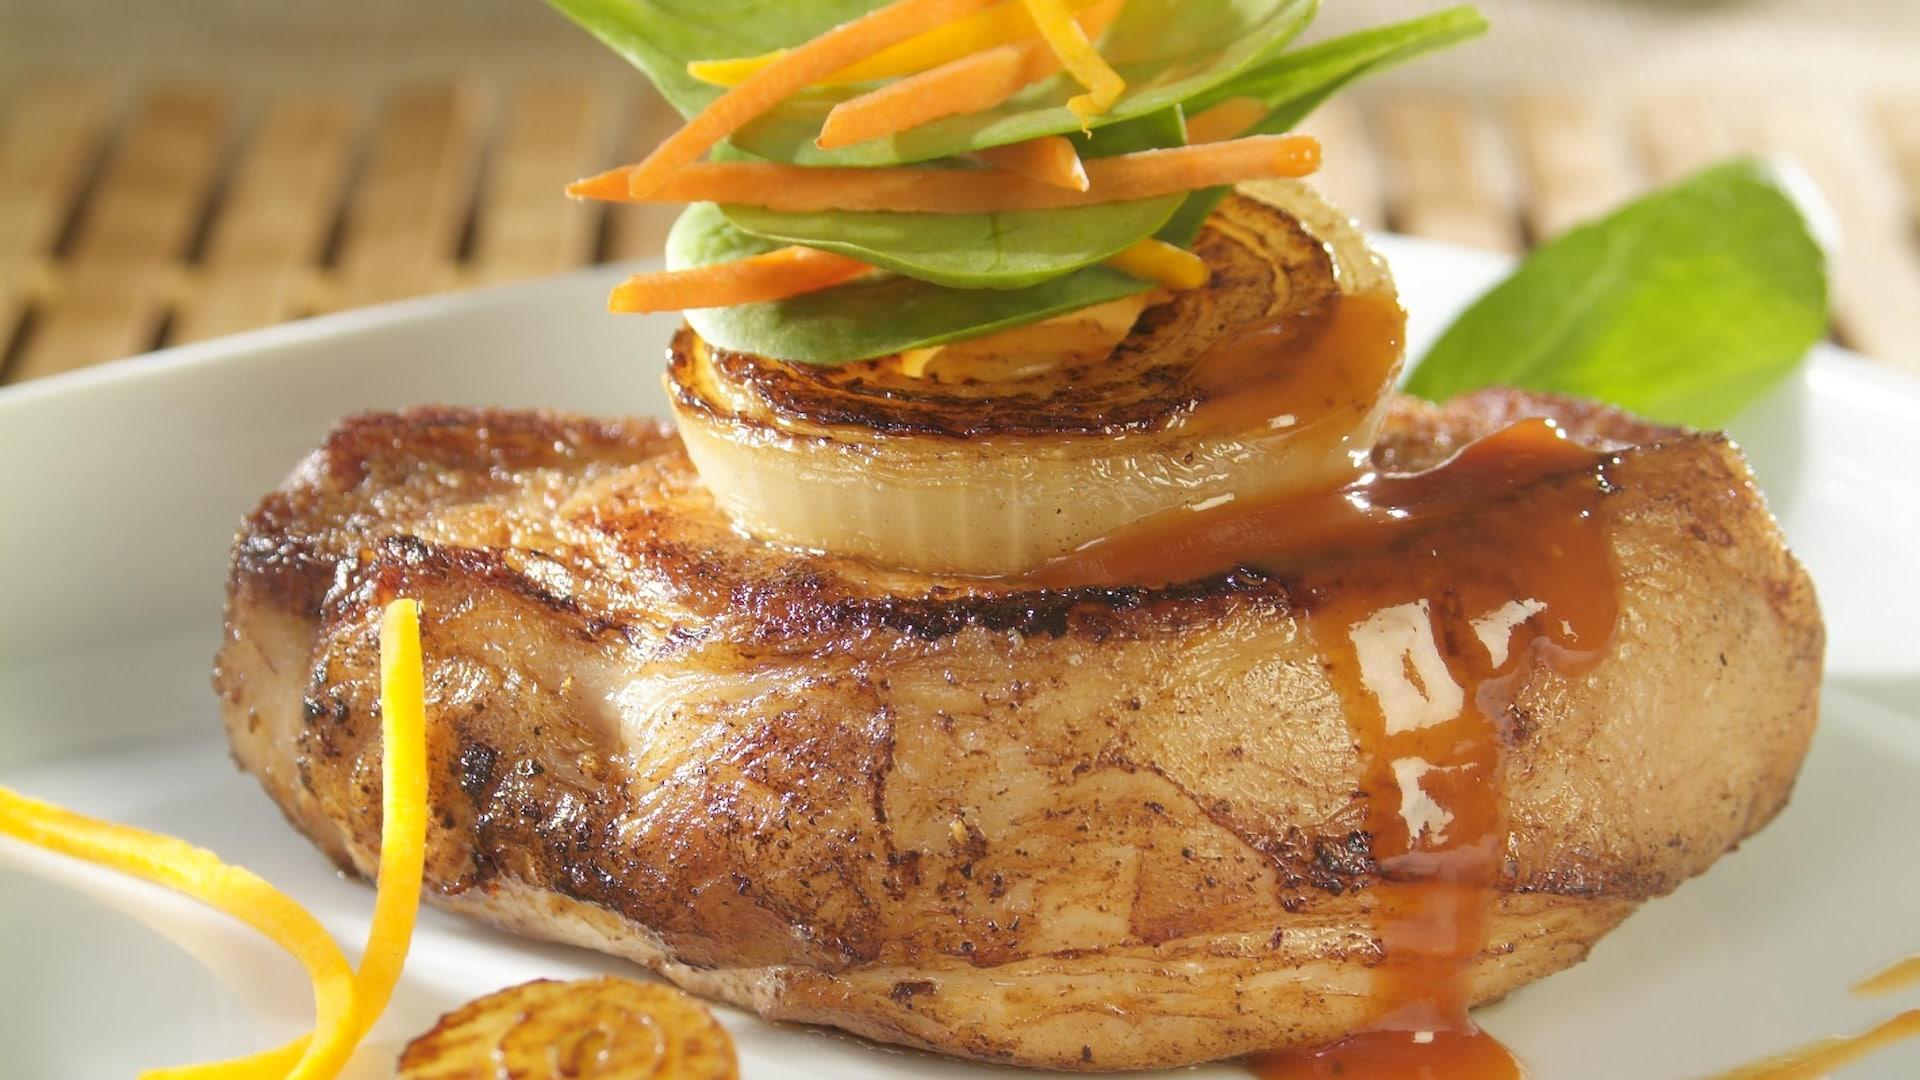 Une côte de porc avec plusieurs légumes en julienne et sauce.